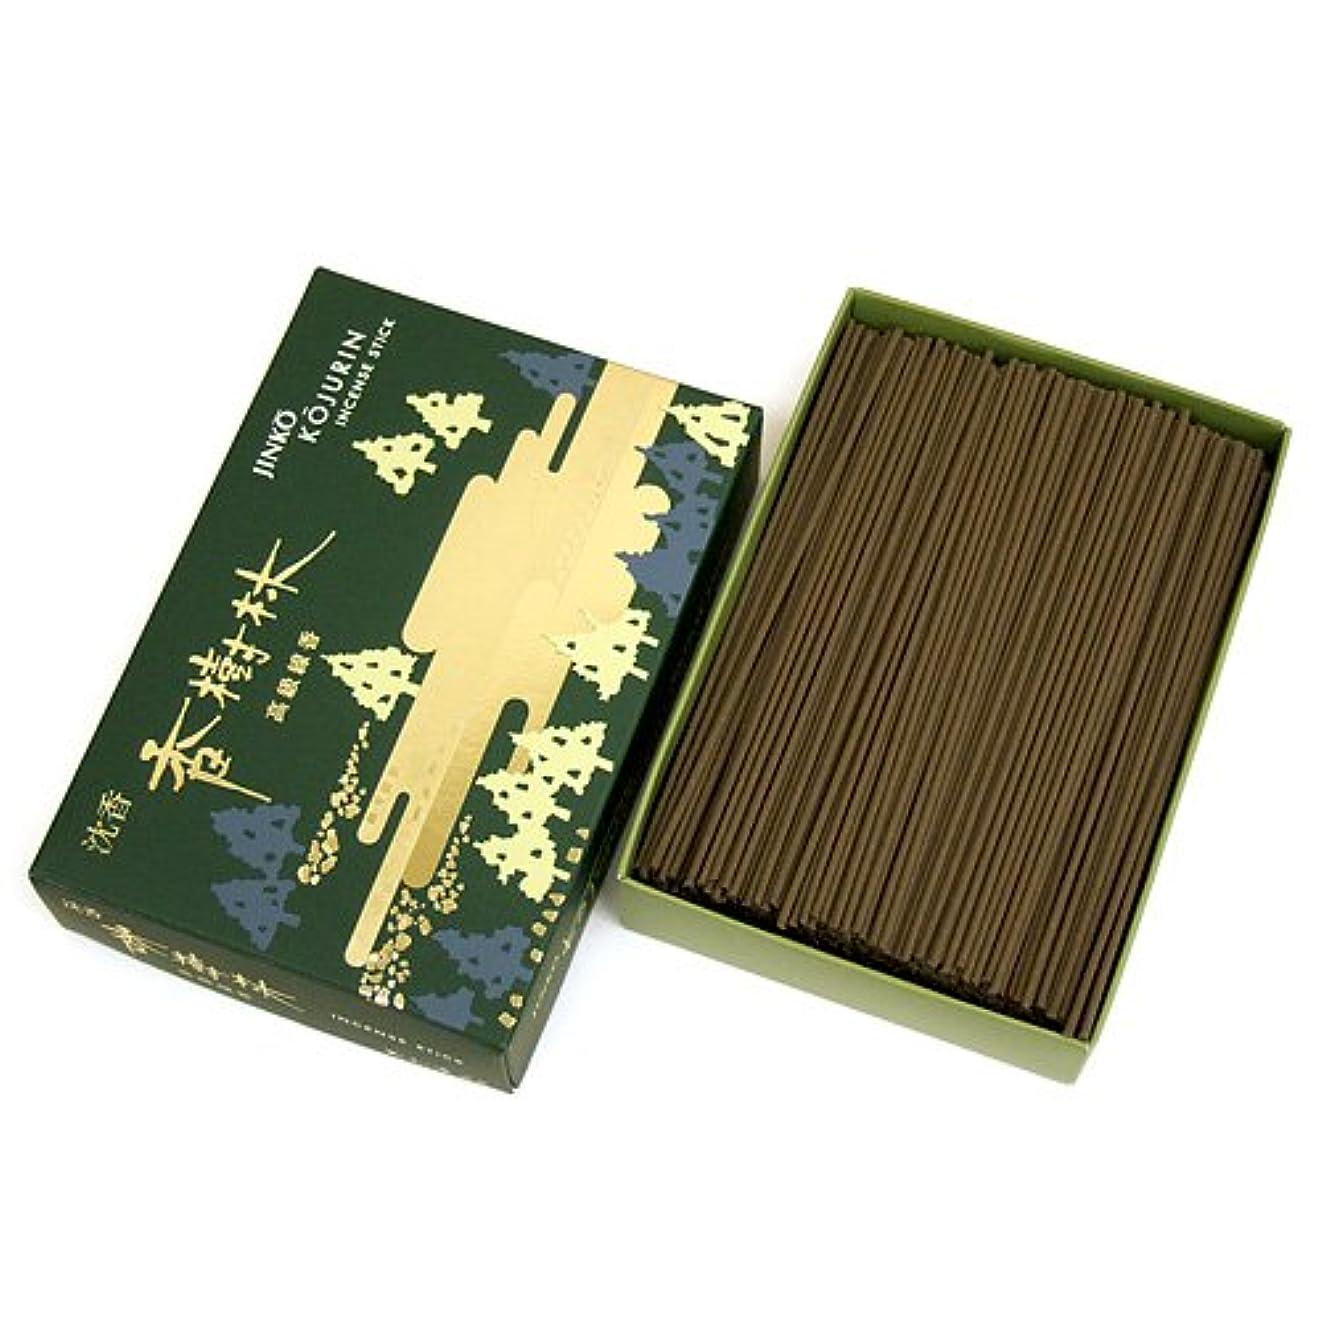 植生スポーツの試合を担当している人湿地家庭用線香 沈香 香樹林 短寸 徳用大型箱(箱寸法15×10.5×3.5cm)◆爽やかな沈香の香りのお線香(玉初堂)